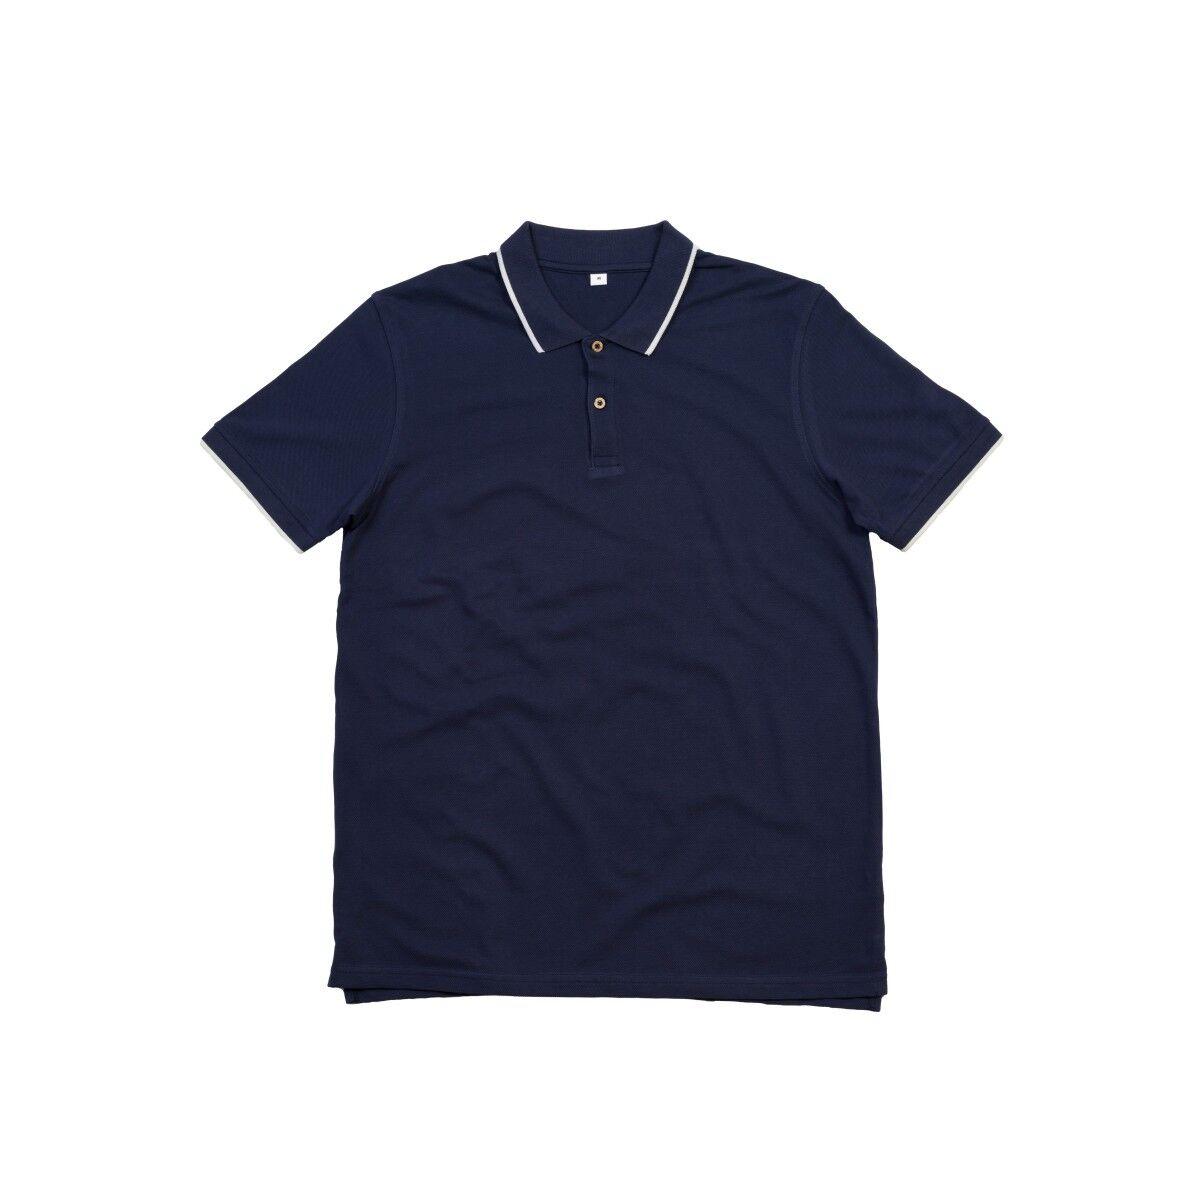 Mantis Tipped Polo Shirt - Navy & White